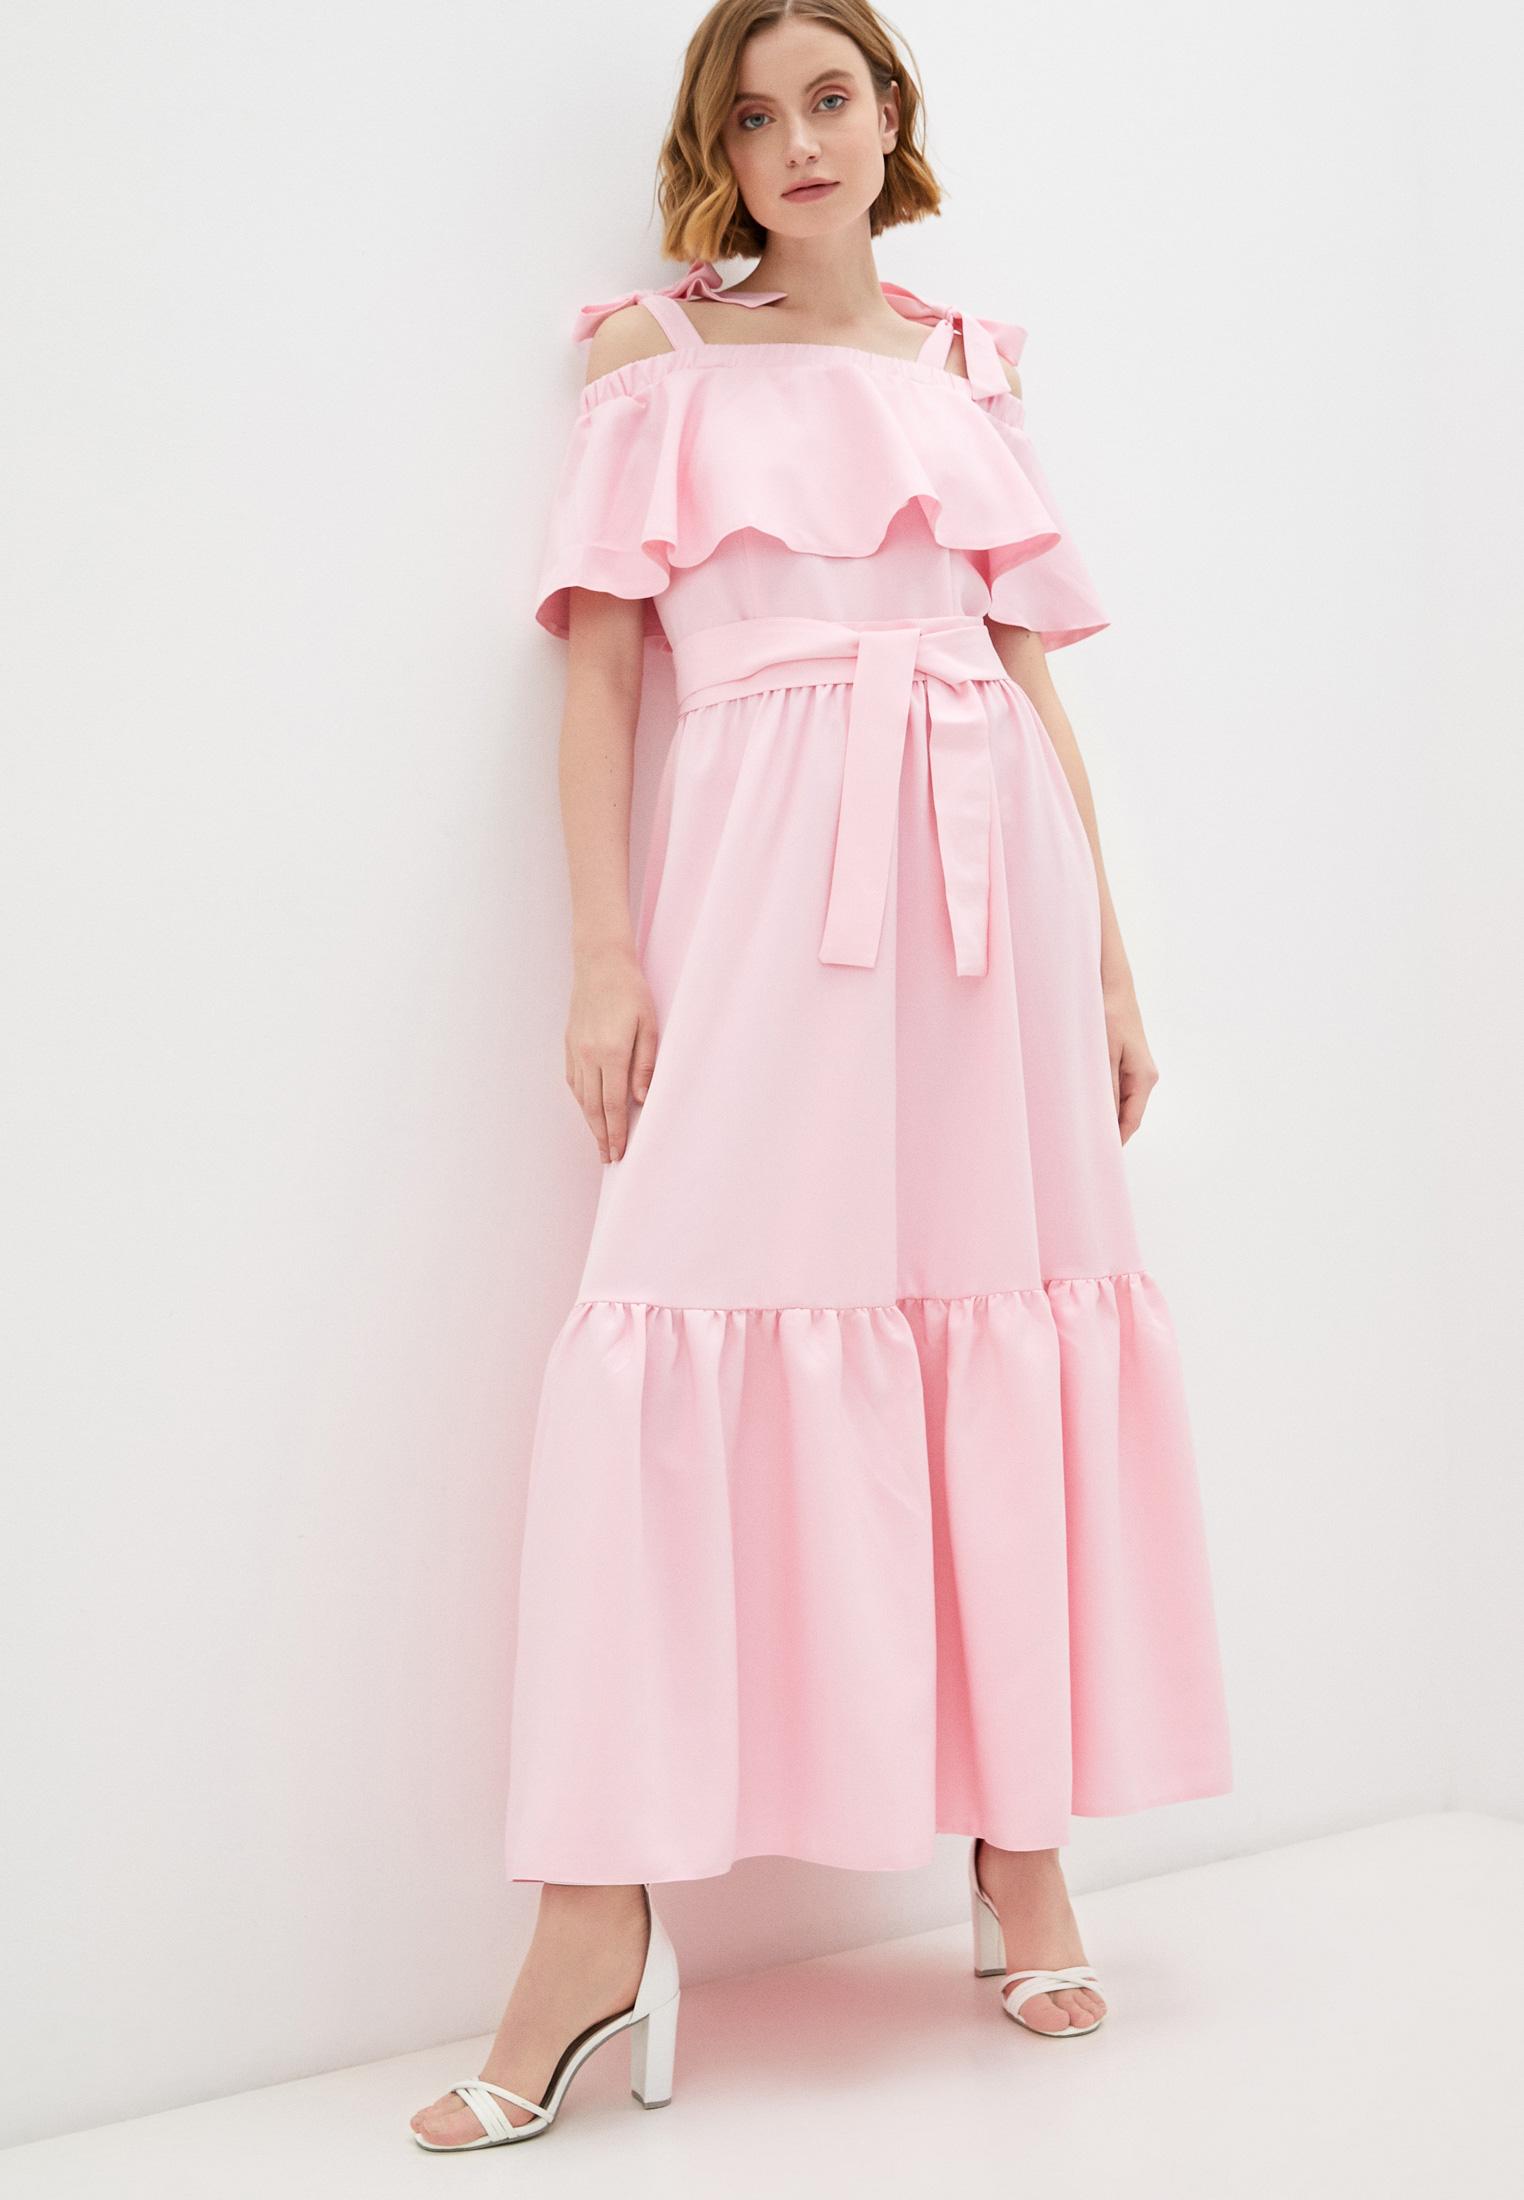 Платье Pink Orange PO21-031347-1